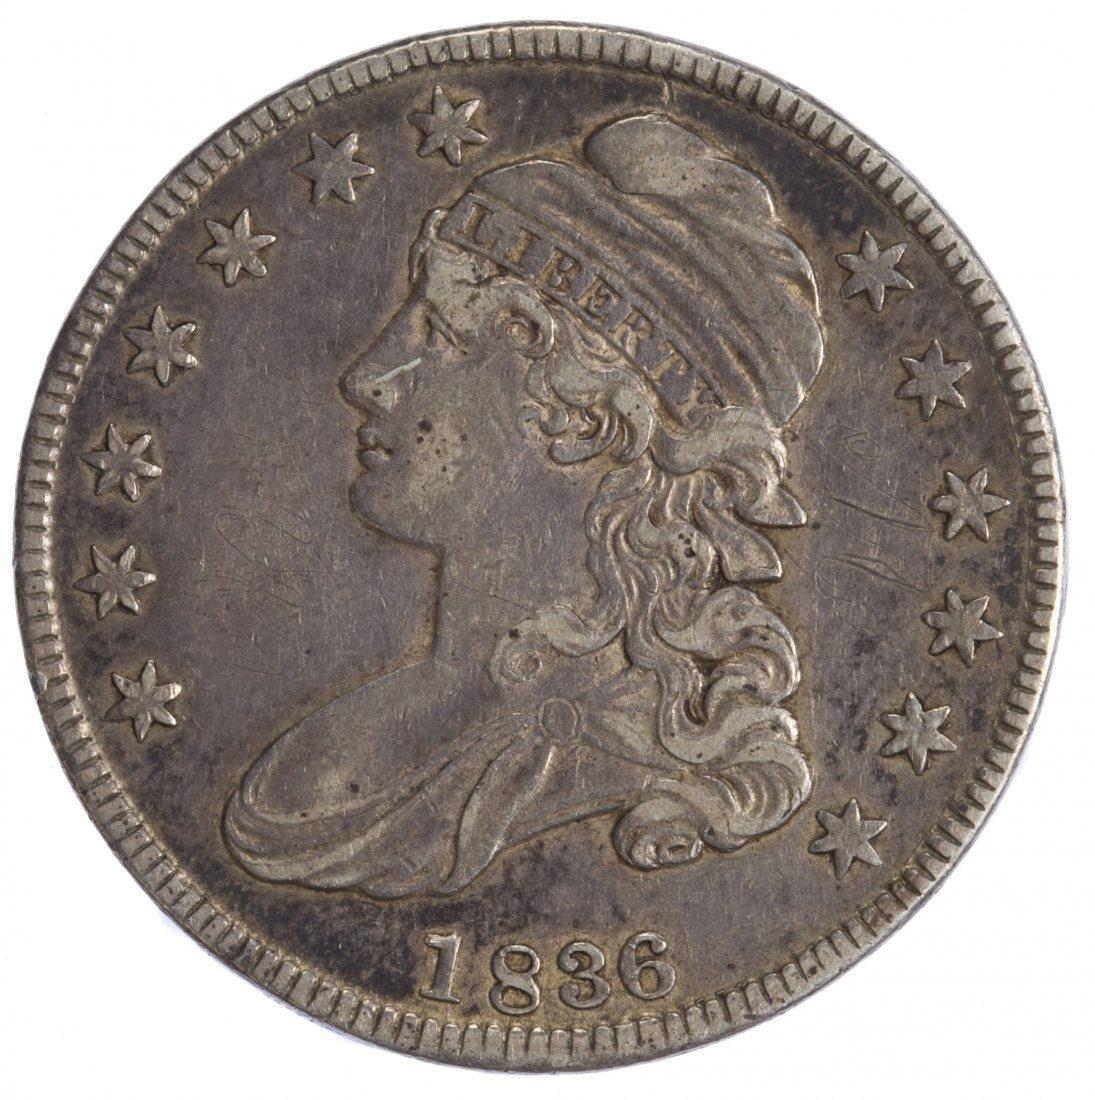 1836 50c VF Details